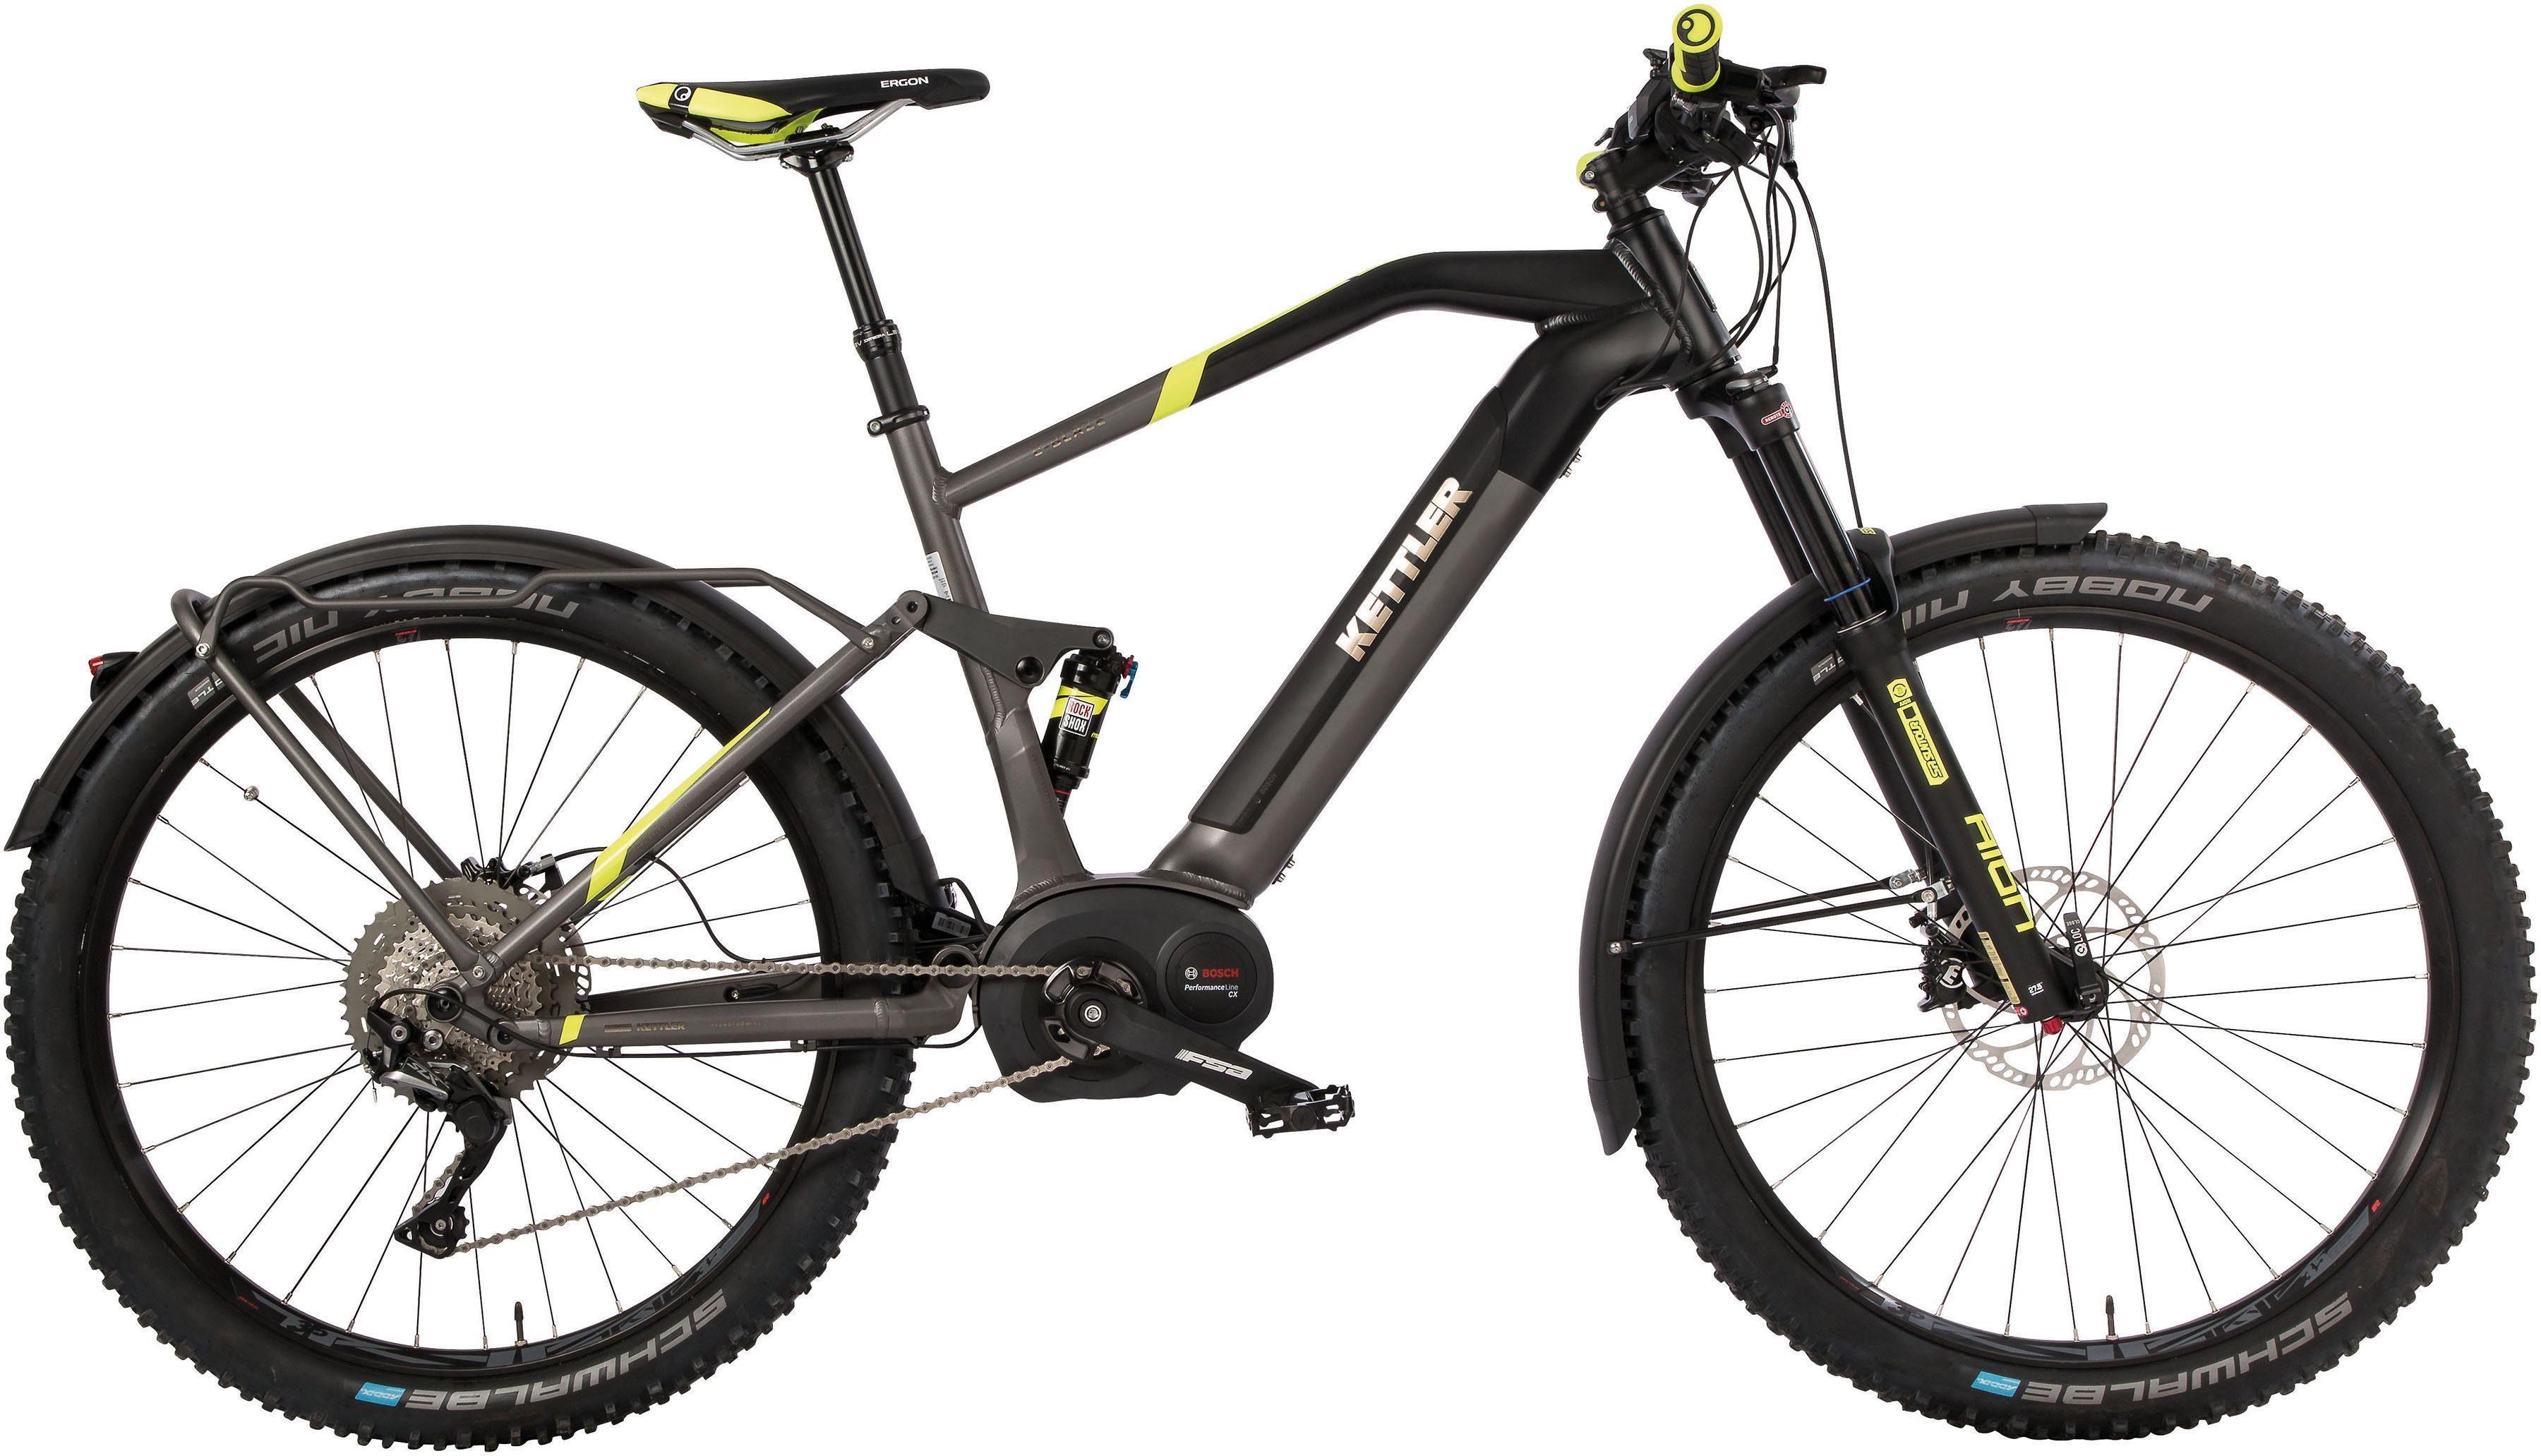 Kettler E-Bike »E-Blaze FS SUV«, 11 Gang Shimano SLX Schaltwerk, Kettenschaltung, Mittelmotor 250 W